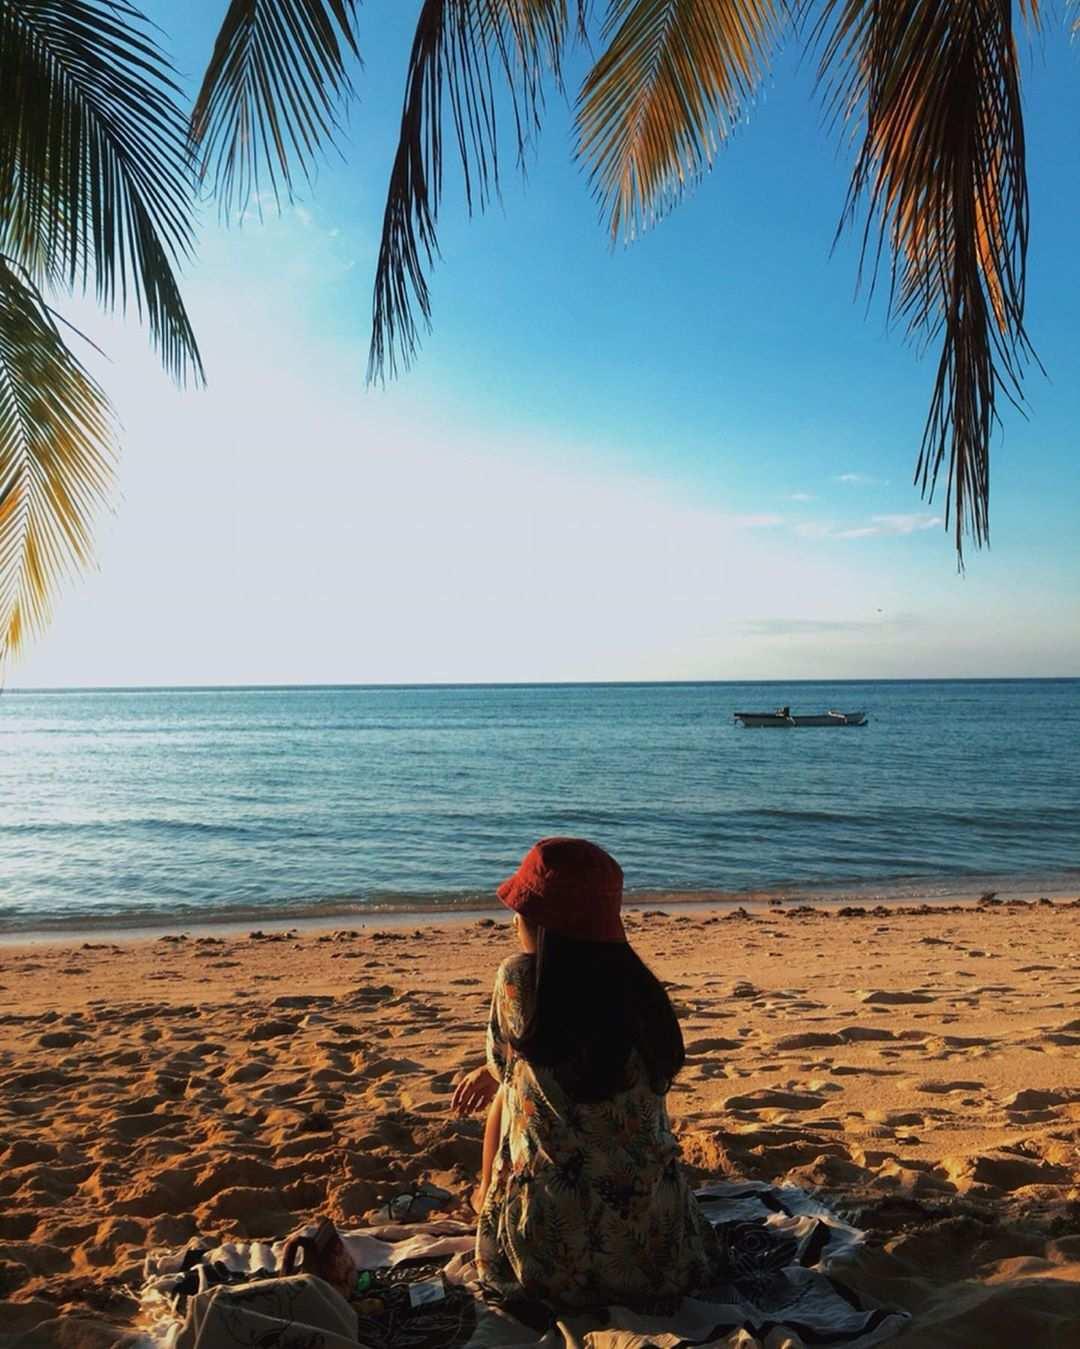 Bersantai di Pantai Walakiri, Image From @cindypirandawa